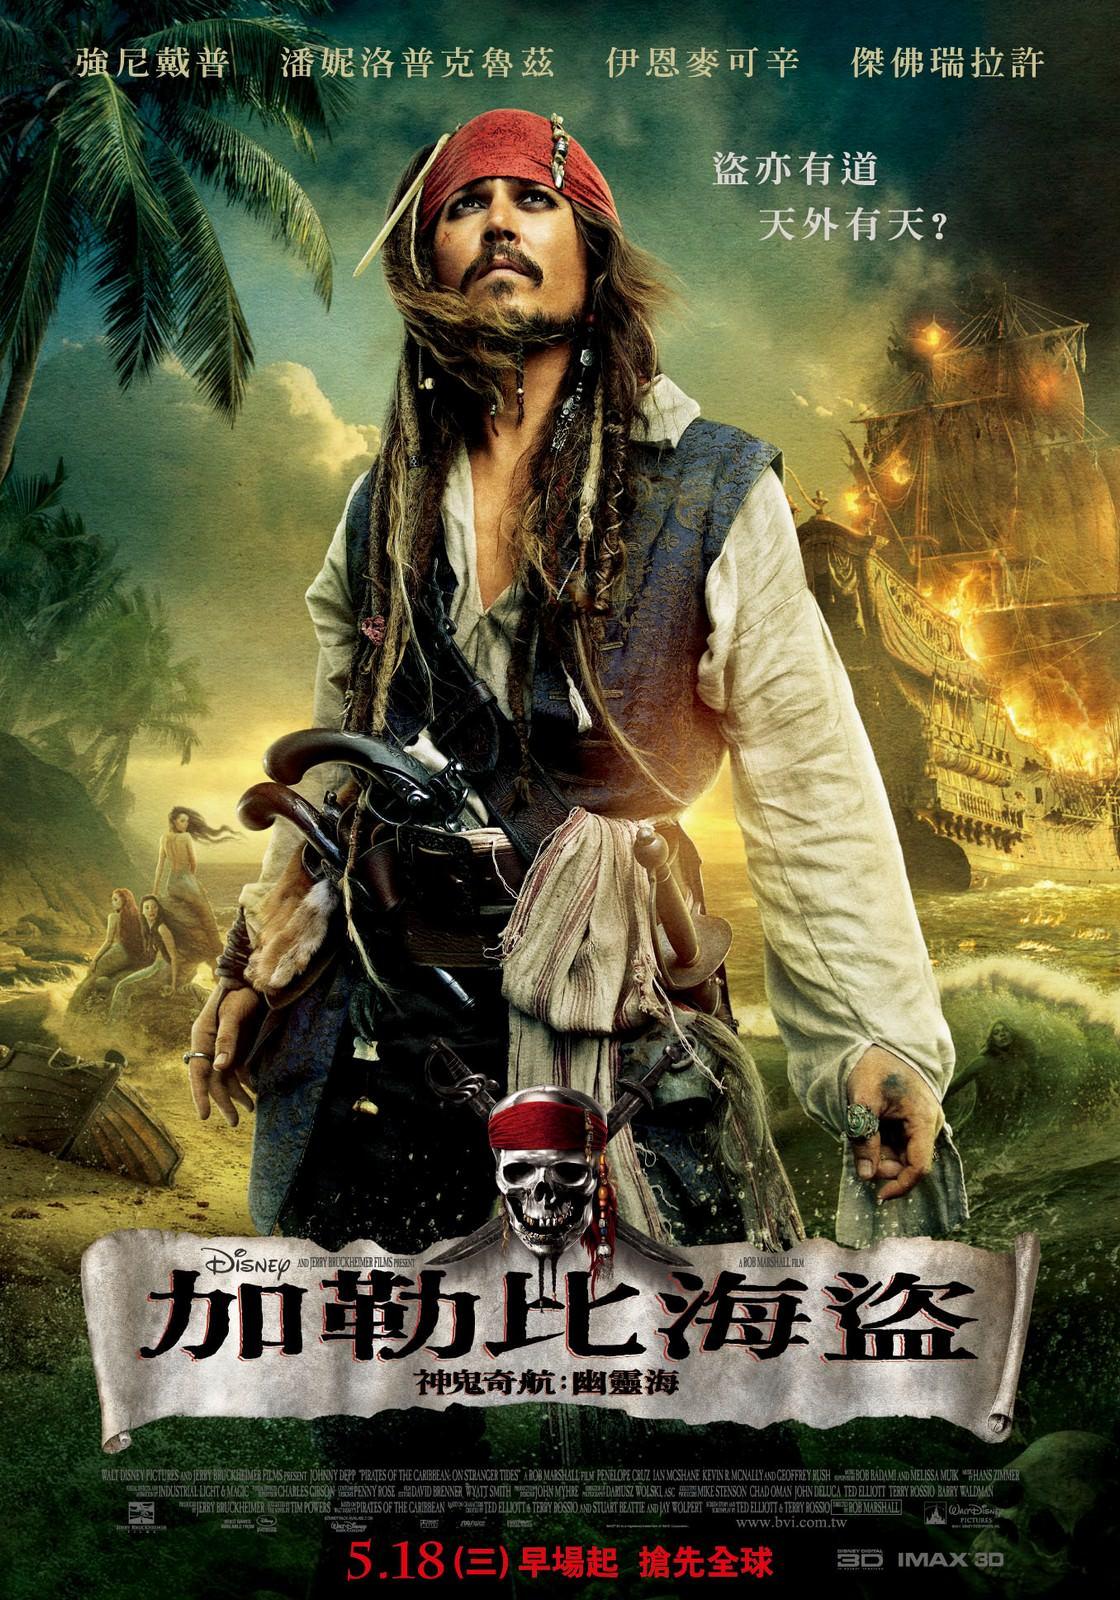 Movie, Pirates of the Caribbean: On Stranger Tides(美國, 2011年) / 加勒比海盜 神鬼奇航:幽靈海(台灣) / 加勒比海盗4:惊涛怪浪(中國) / 加勒比海盜:魔盜狂潮(香港), 電影海報, 台灣, 角色